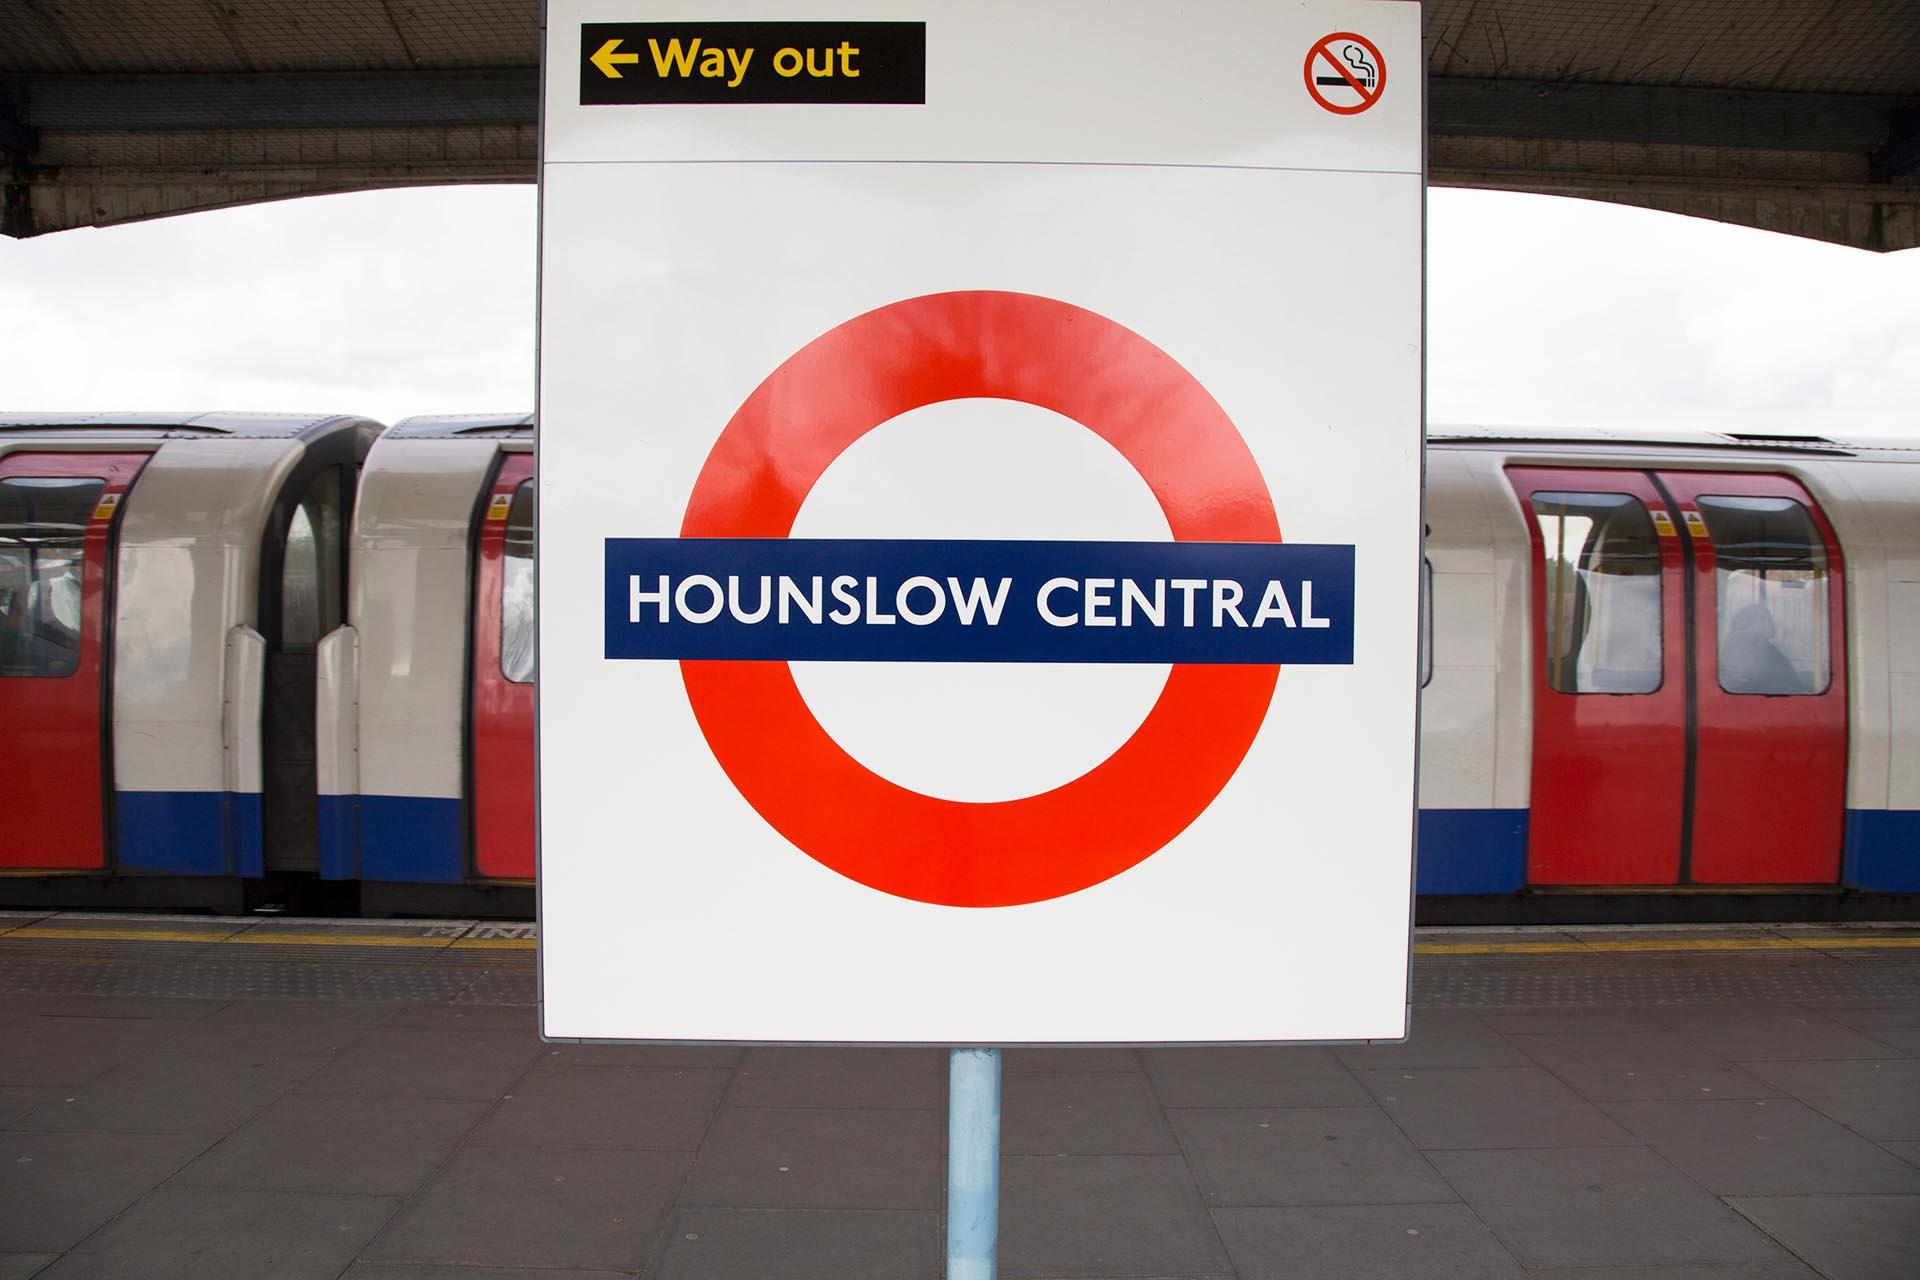 Hounslow Central tube station sign on the platform